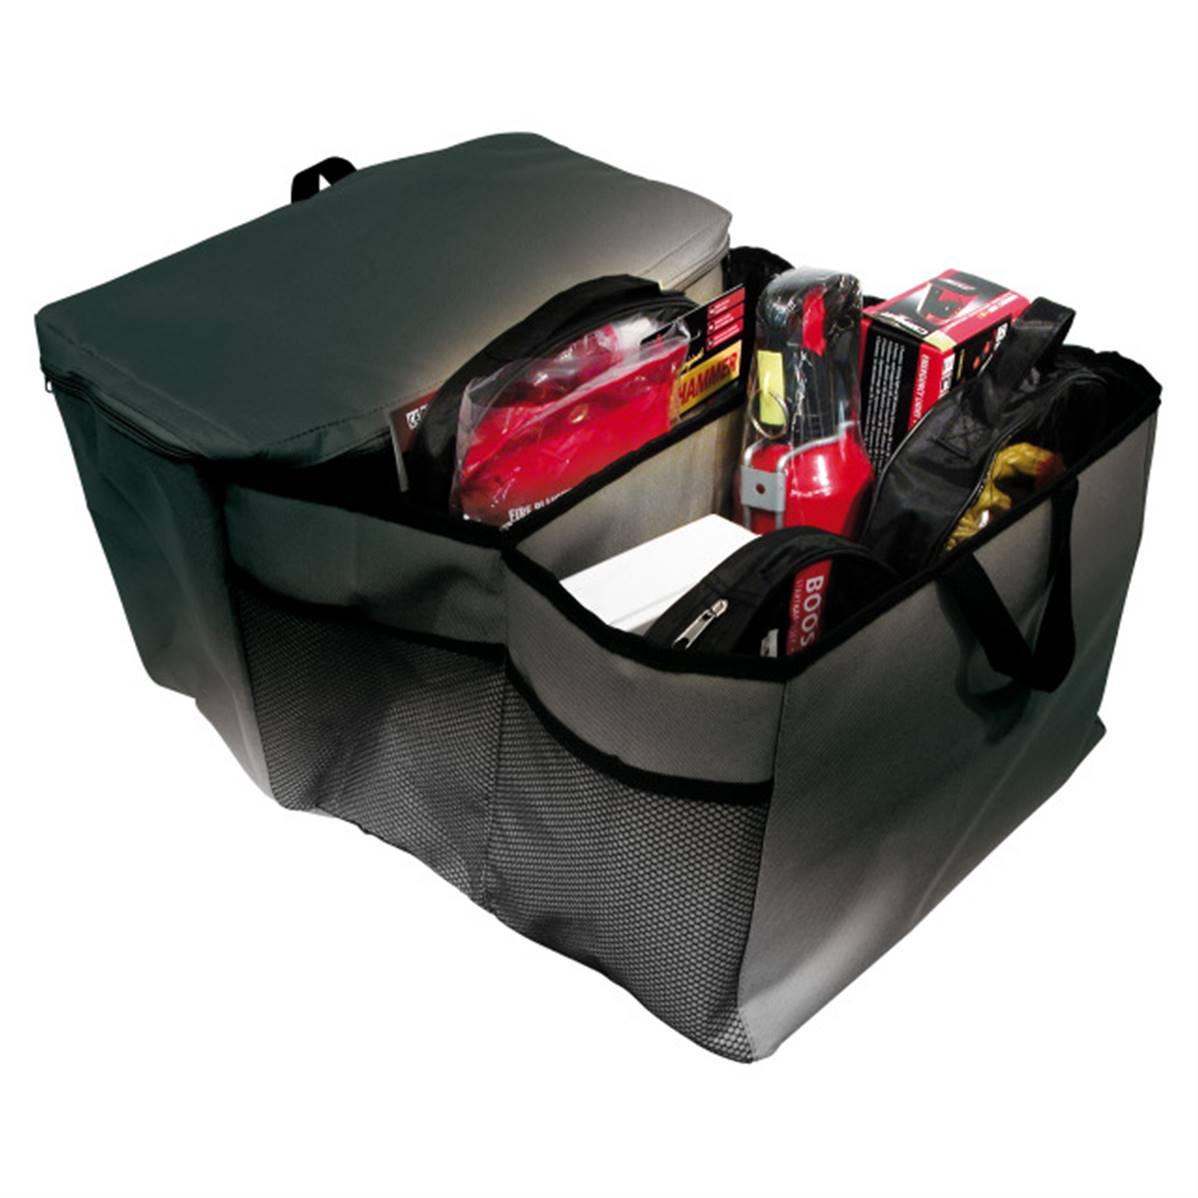 Sac de rangement pour coffre de voiture avec compartiment thermo isolé